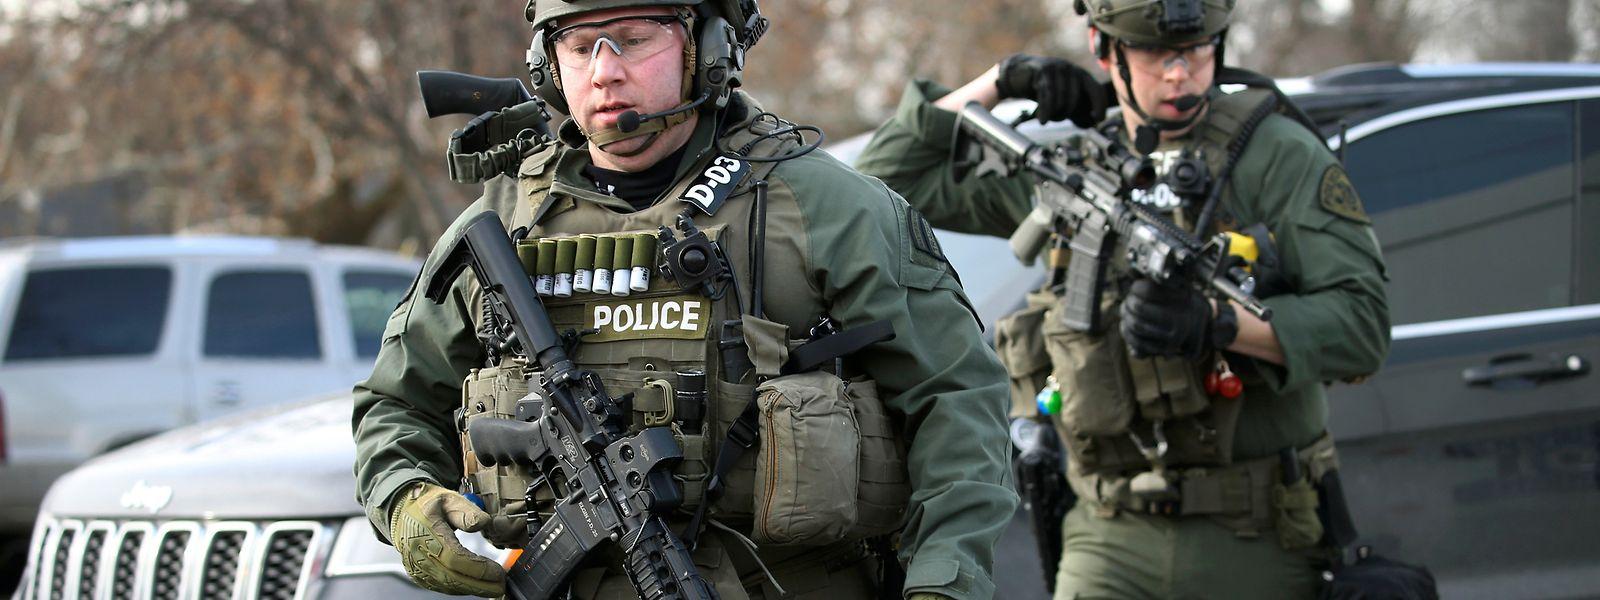 Polizisten sind in der Nähe des Tatorts in Aurora, wo ein Schütze das Feuer eröffnet haben soll.